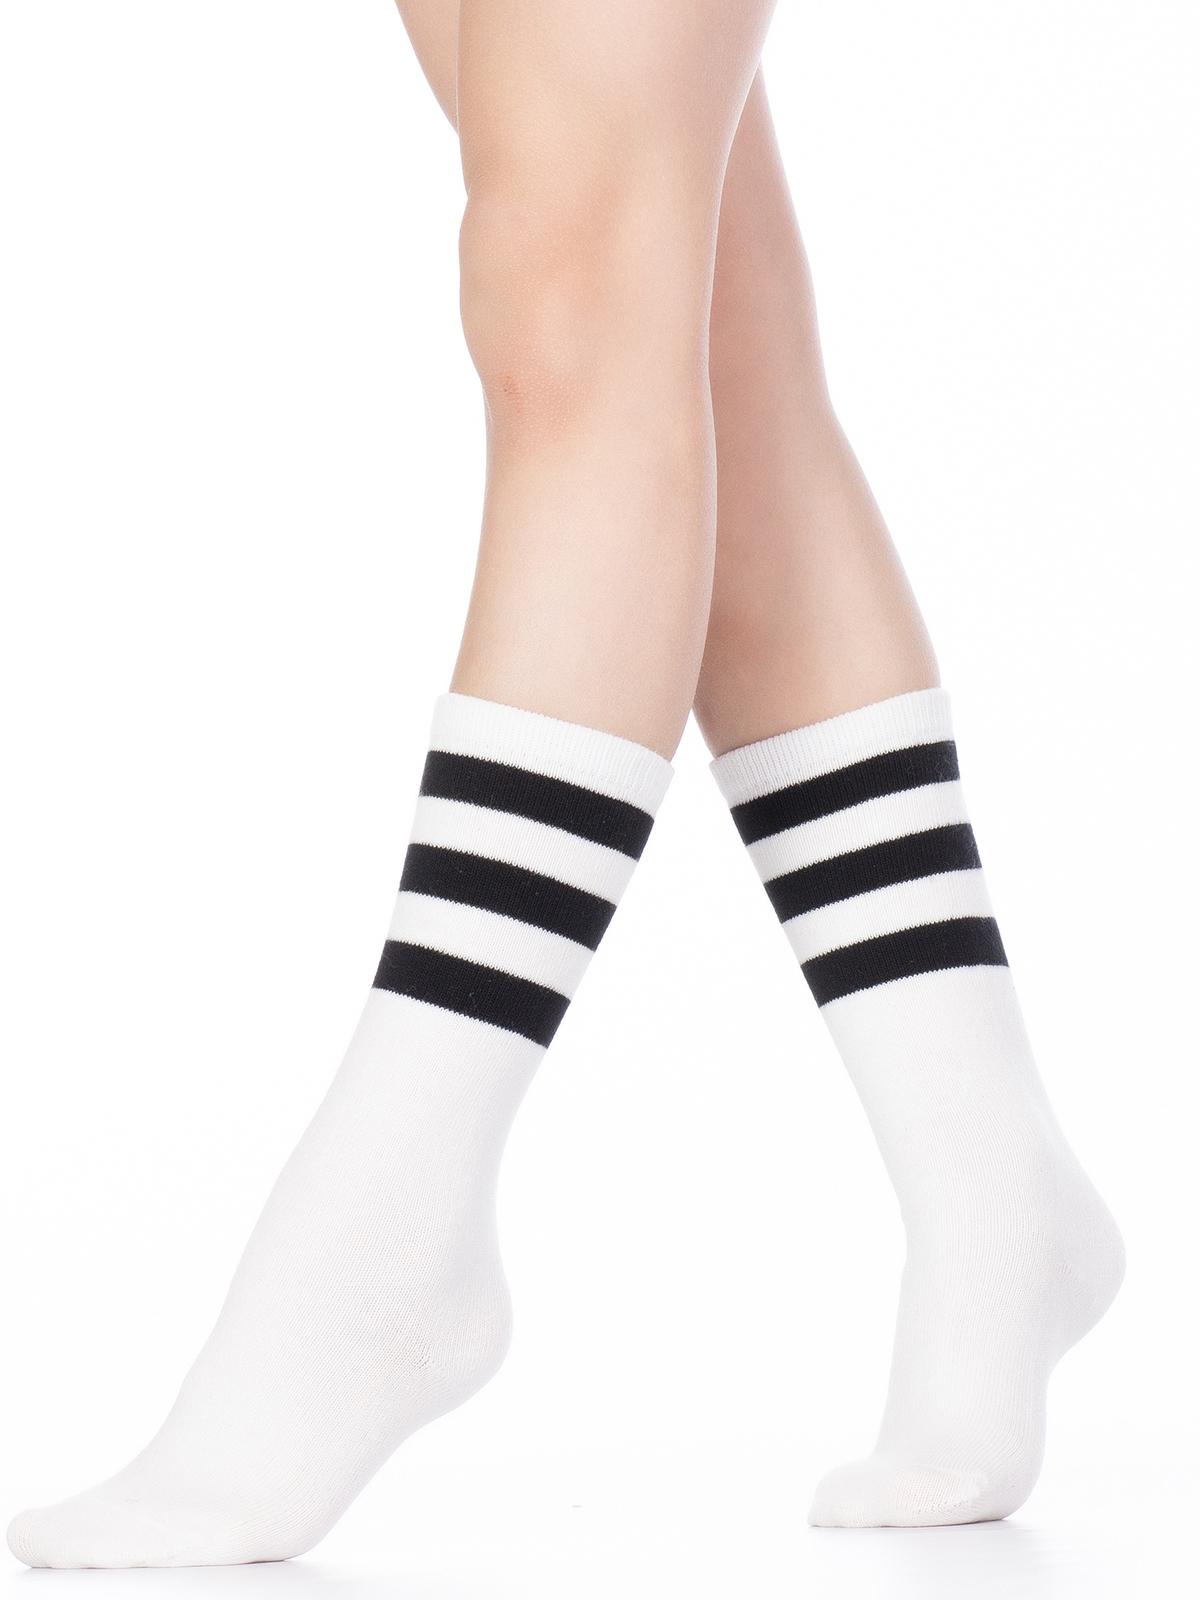 Купить Гольфы детские Hobby Line 4490-1 белый, черные полоски, 18-20, Гольфы для девочек